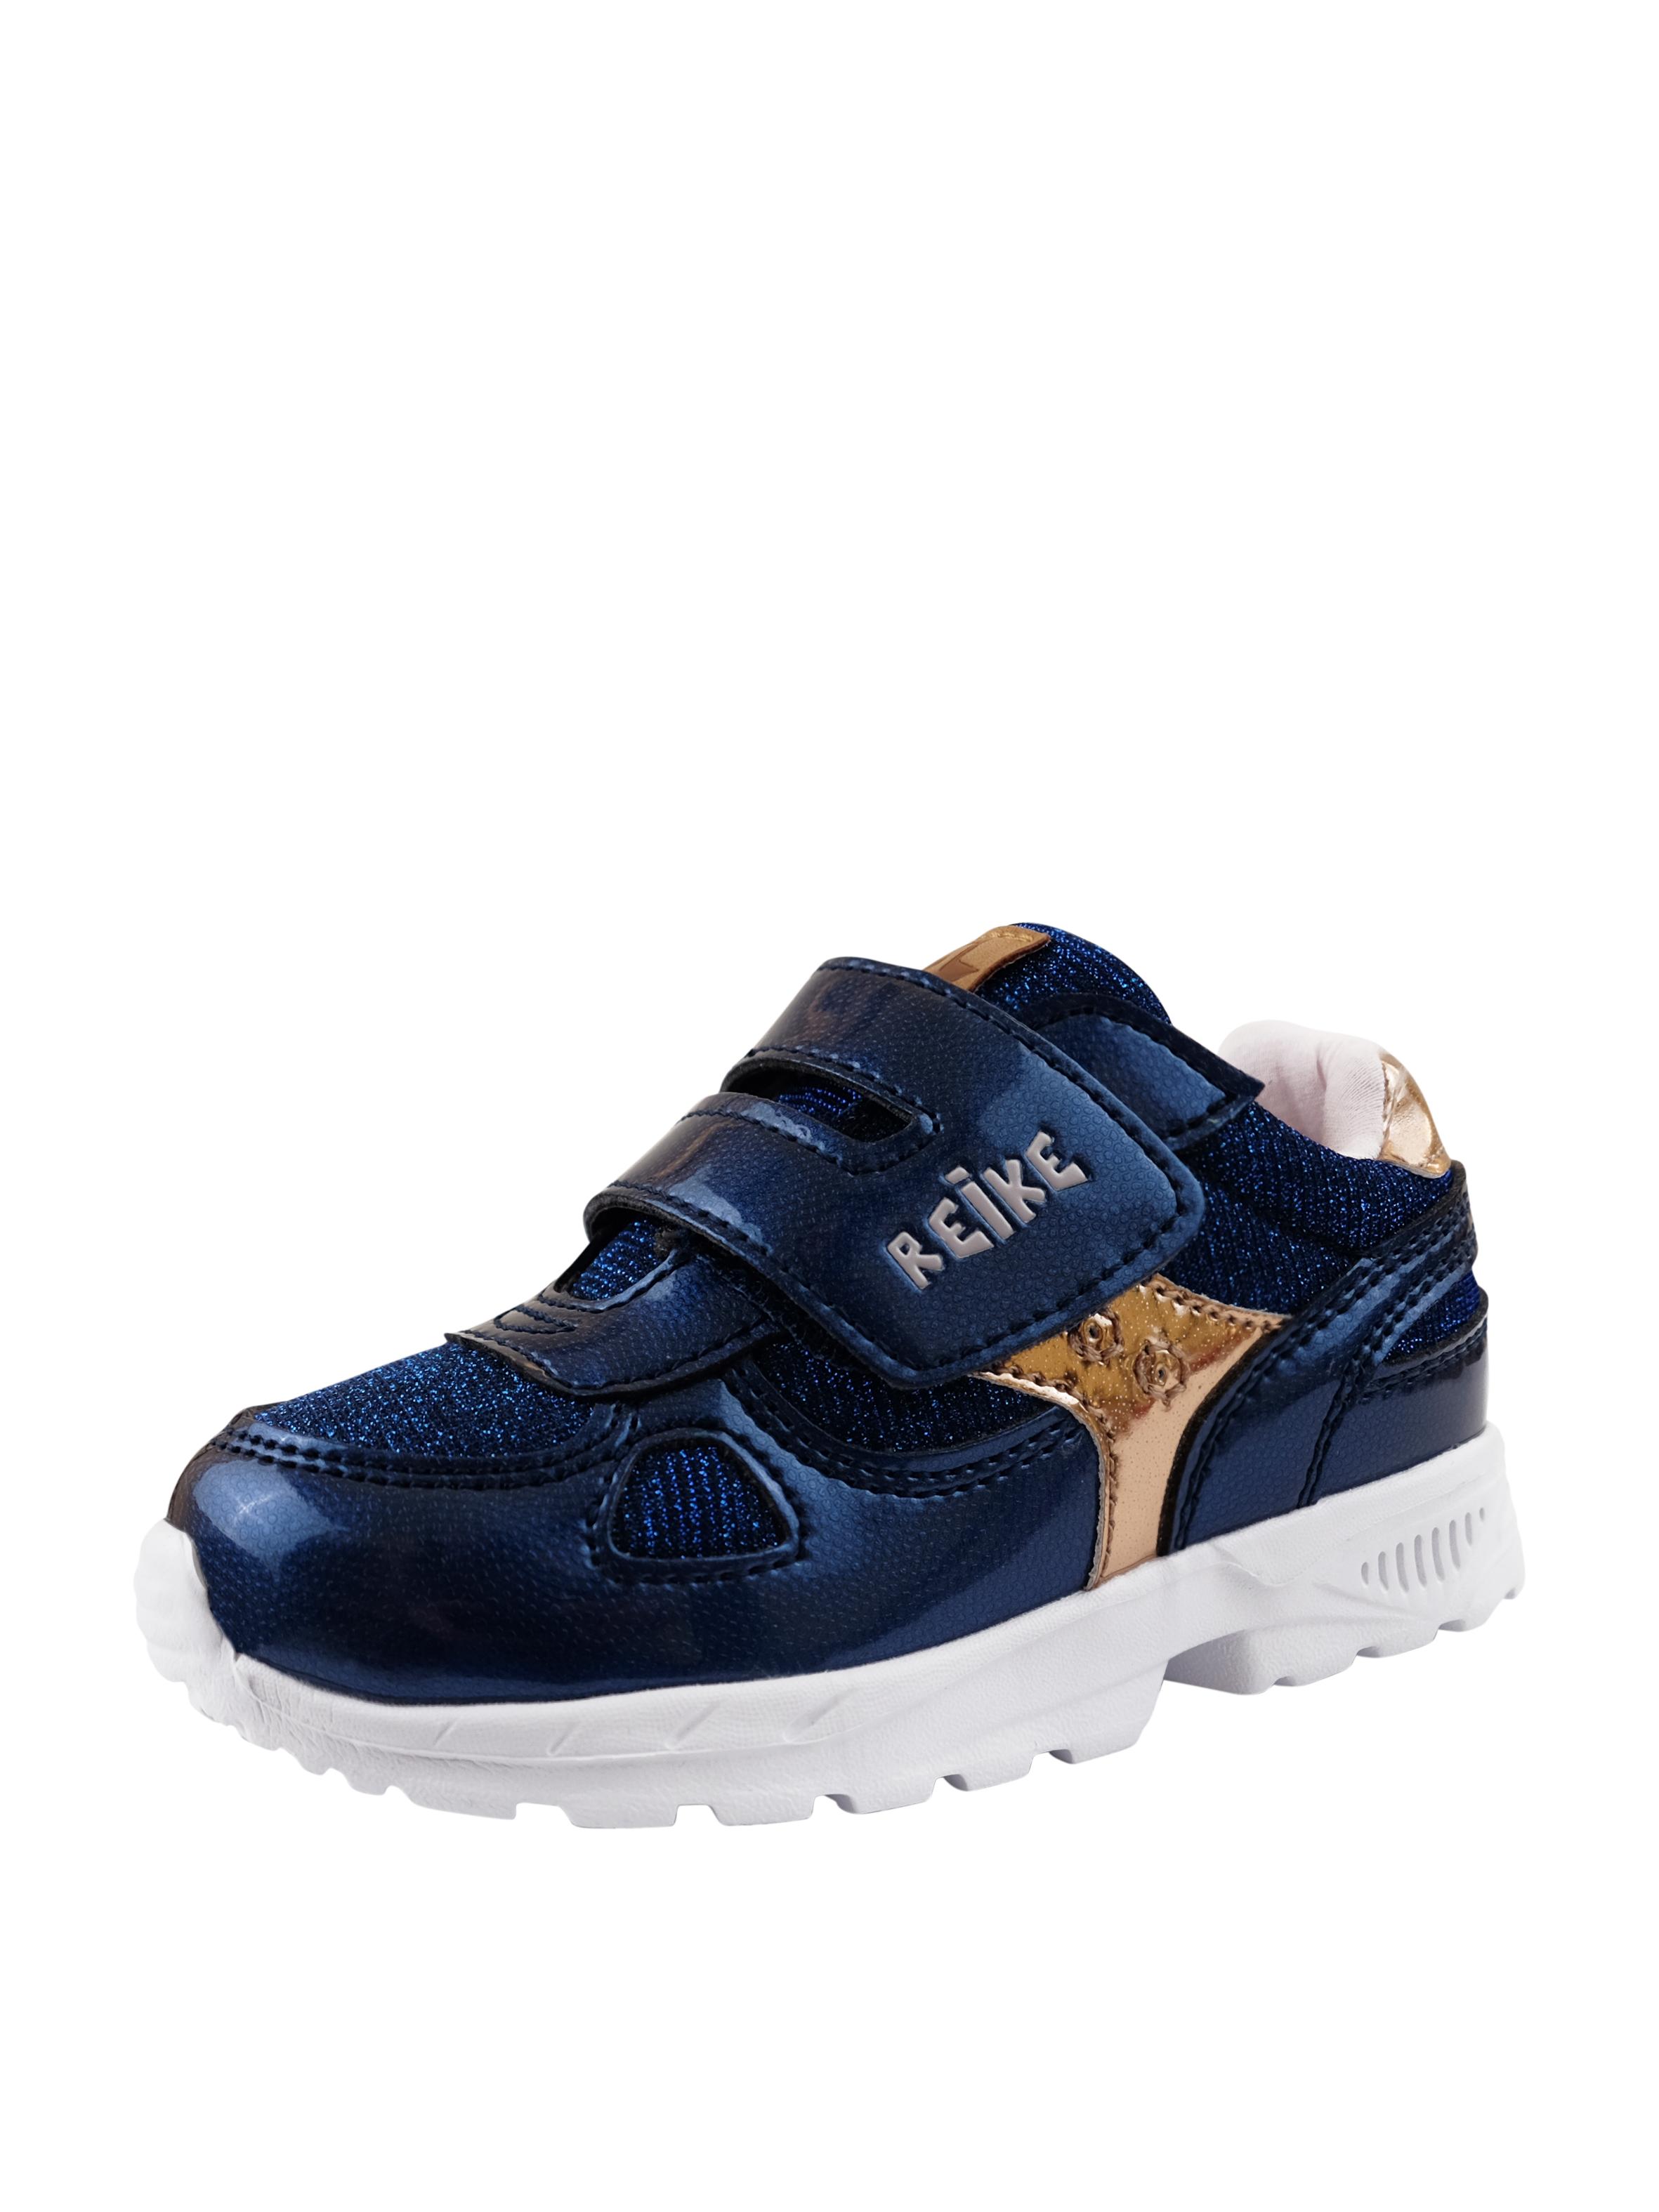 Купить RST20-012 BS navy, Кроссовки для девочки Reike Basic navy р.21, Детские кроссовки